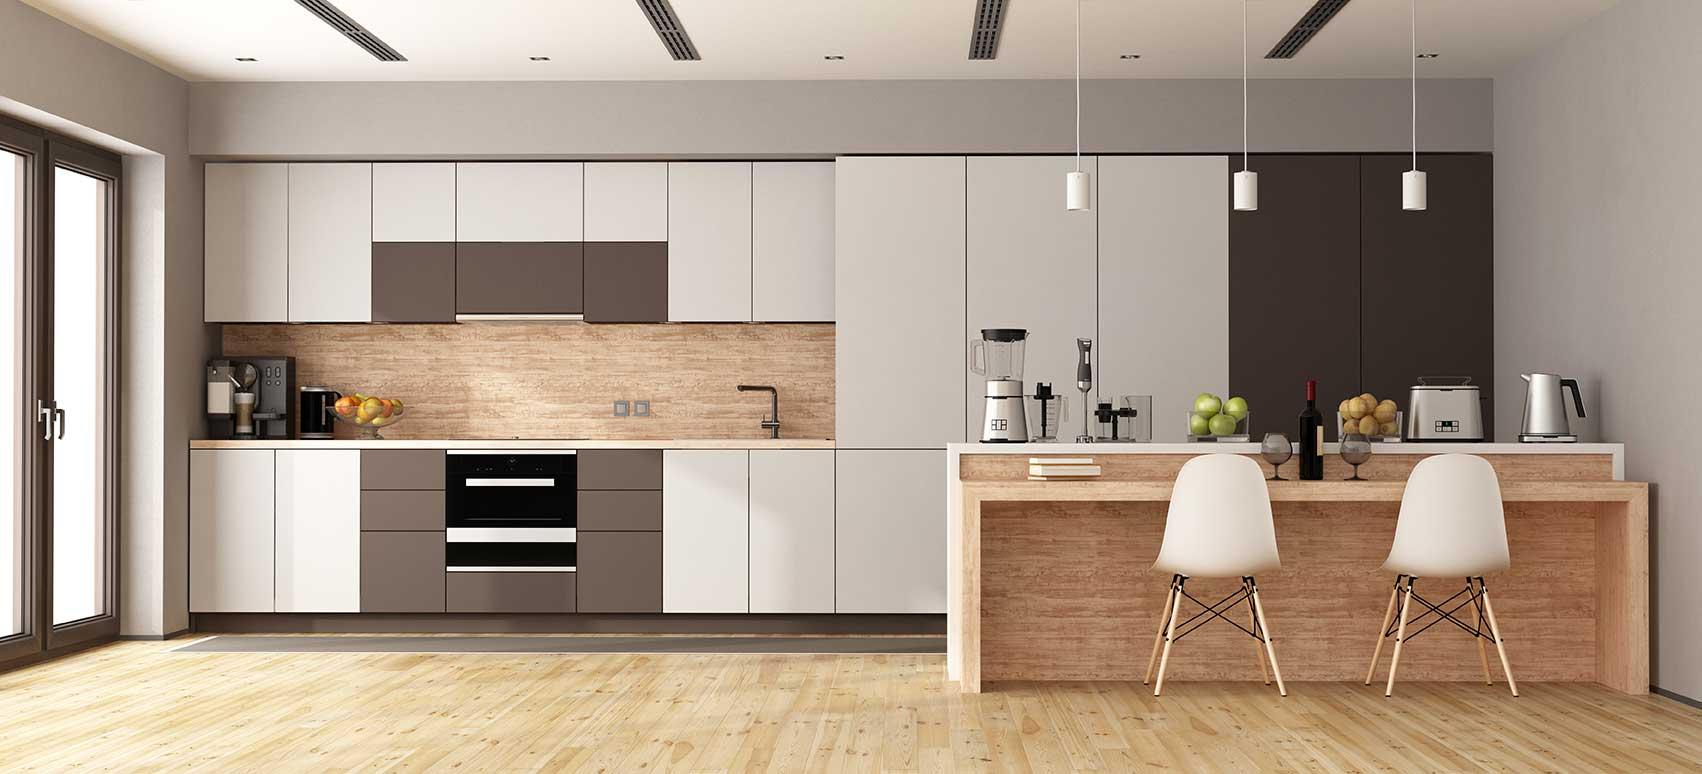 Remodelações de cozinhas com inovação